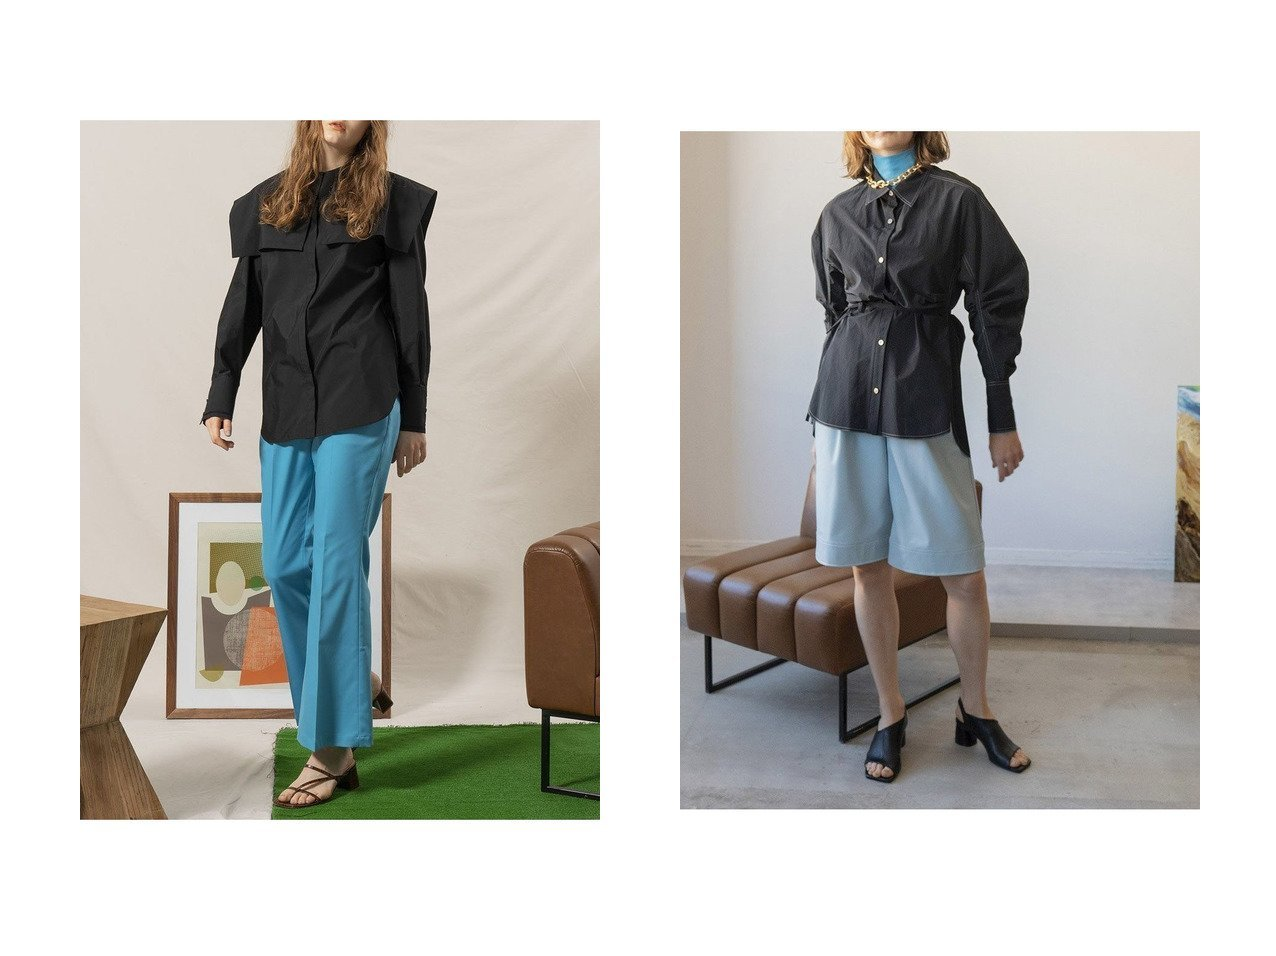 【MAISON SPECIAL/メゾンスペシャル】のサーキュラースリーブシャツ&スクエアカラー2WAYシャツ トップス・カットソーのおすすめ!人気、トレンド・レディースファッションの通販  おすすめで人気の流行・トレンド、ファッションの通販商品 メンズファッション・キッズファッション・インテリア・家具・レディースファッション・服の通販 founy(ファニー) https://founy.com/ ファッション Fashion レディースファッション WOMEN トップス カットソー Tops Tshirt シャツ/ブラウス Shirts Blouses 春 Spring カフス 今季 ジャケット スウェット スクエア スリーブ ビッグ フォルム ロング 2021年 2021 S/S 春夏 SS Spring/Summer 2021 春夏 S/S SS Spring/Summer 2021 おすすめ Recommend |ID:crp329100000025143